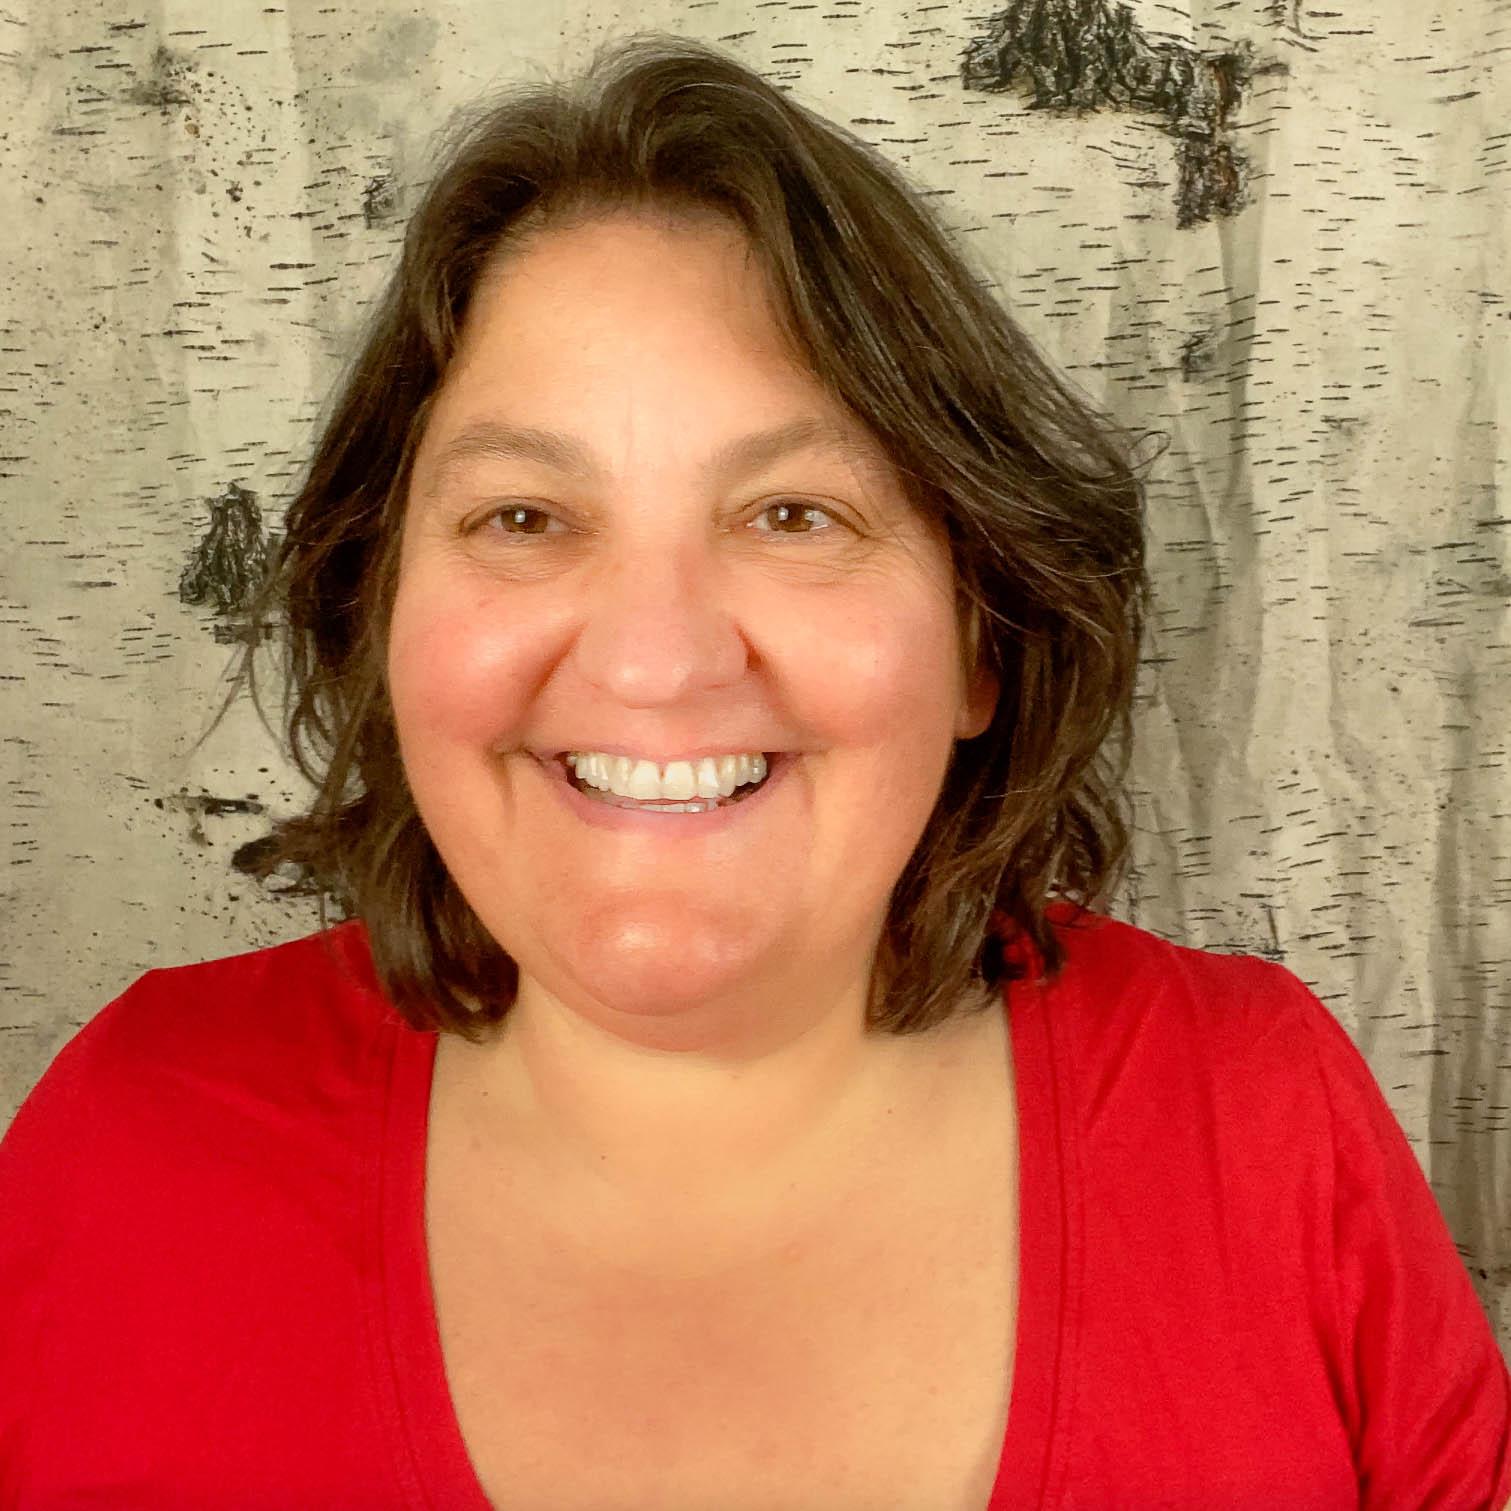 Susanne Allgeier lächelt in die Kamera